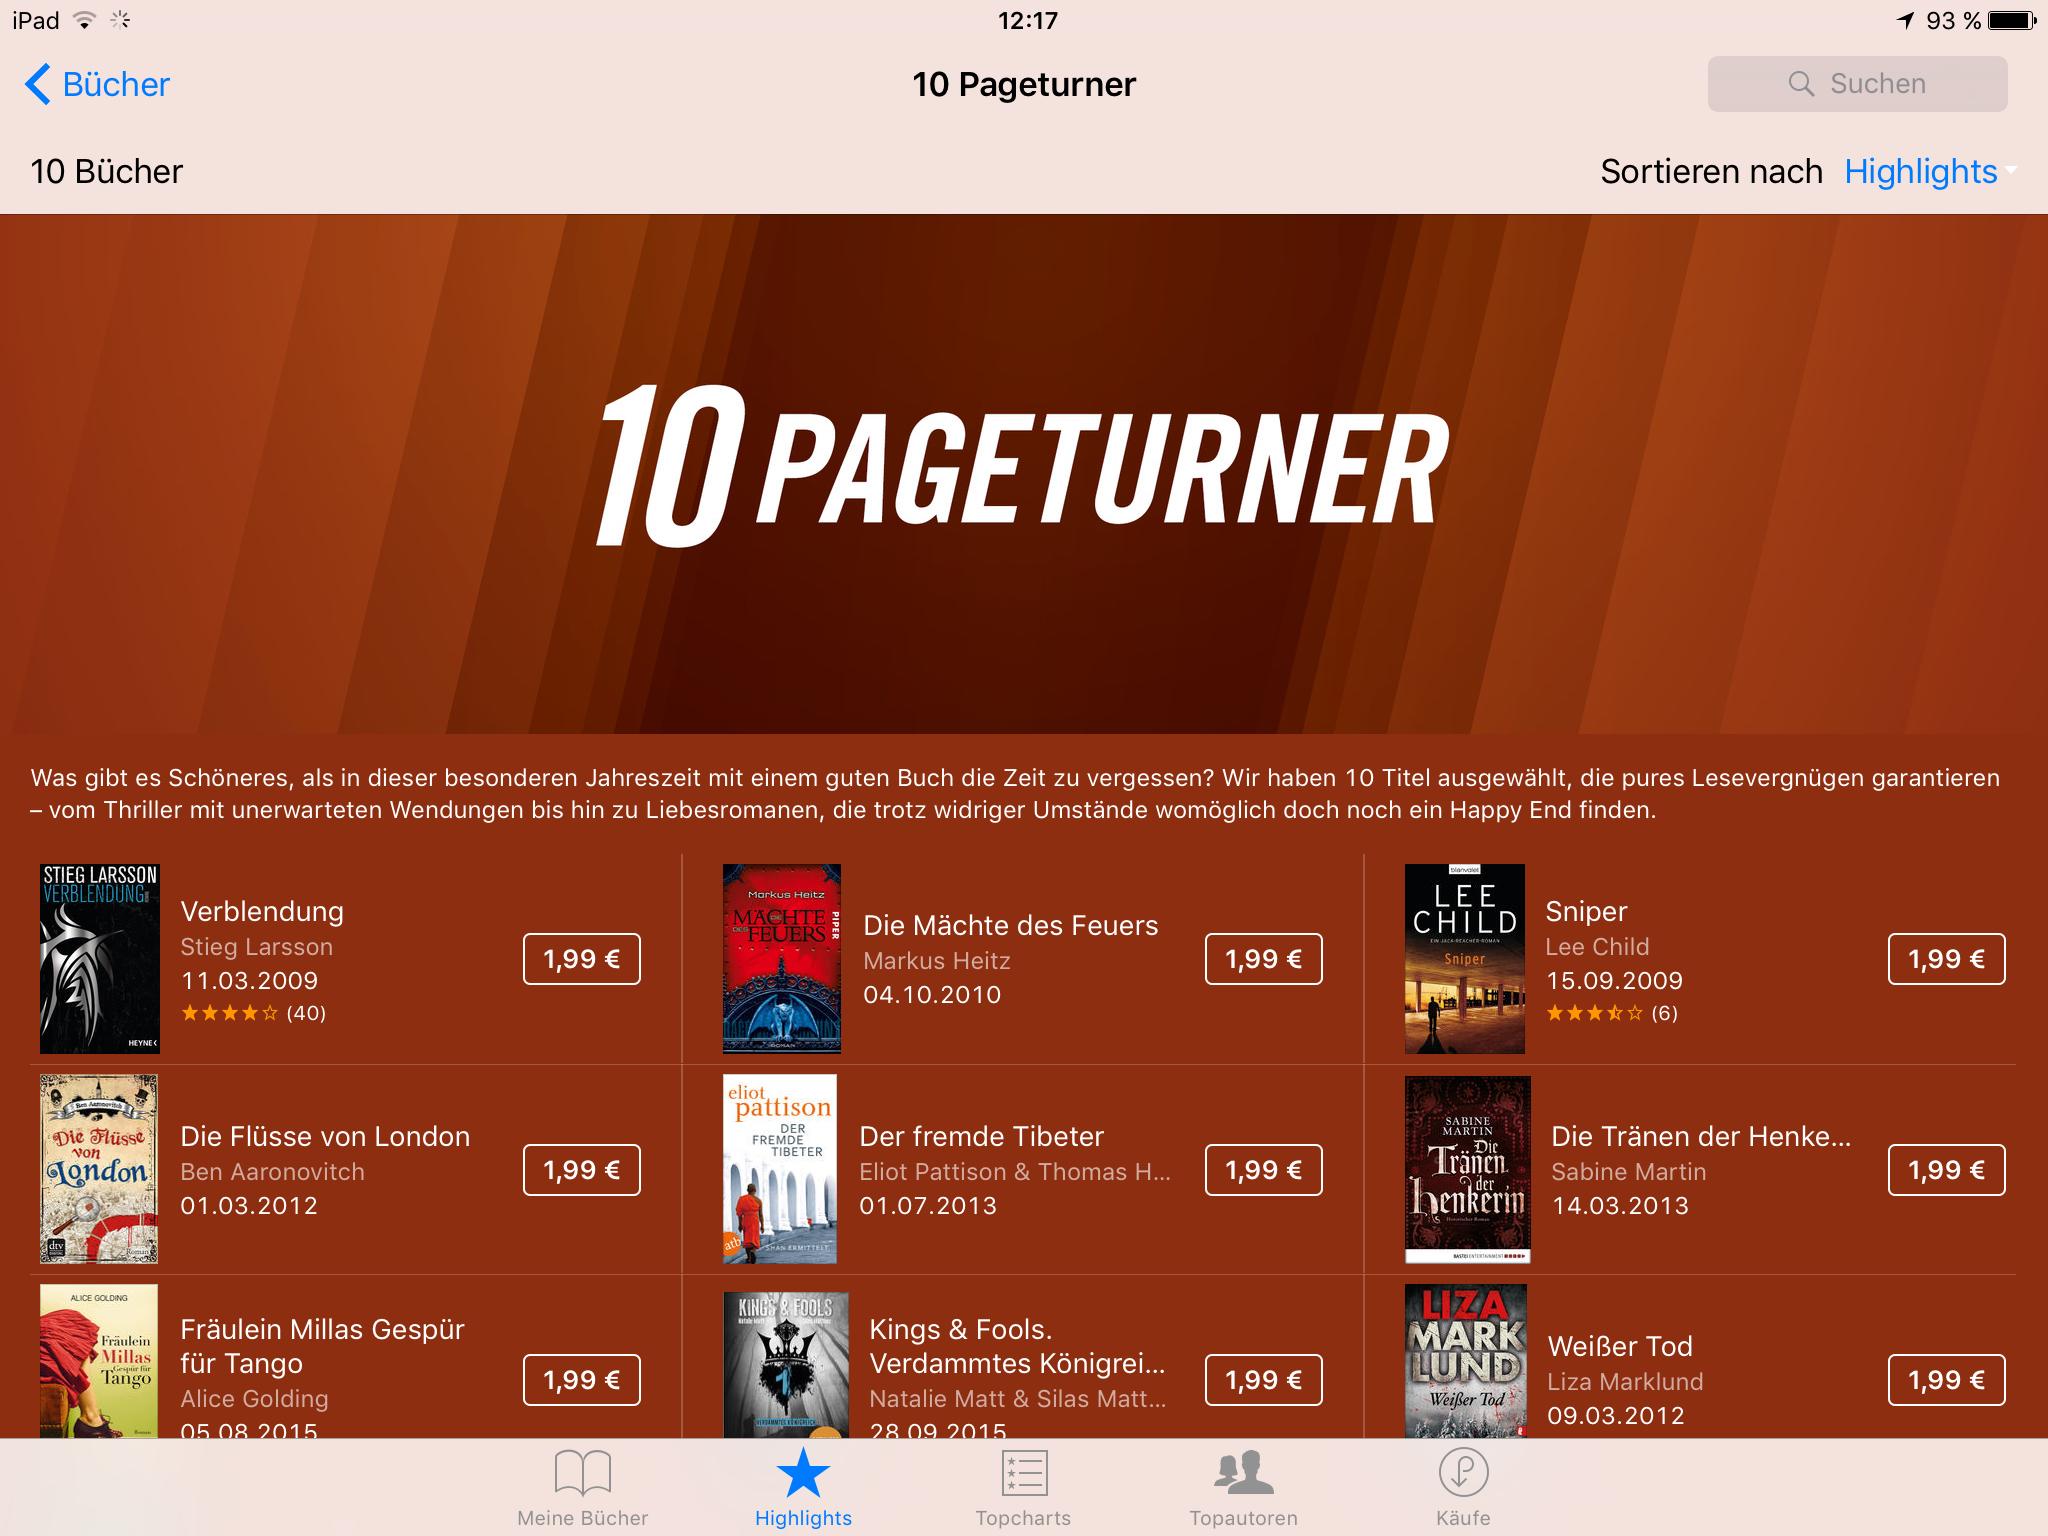 10 Pageturner